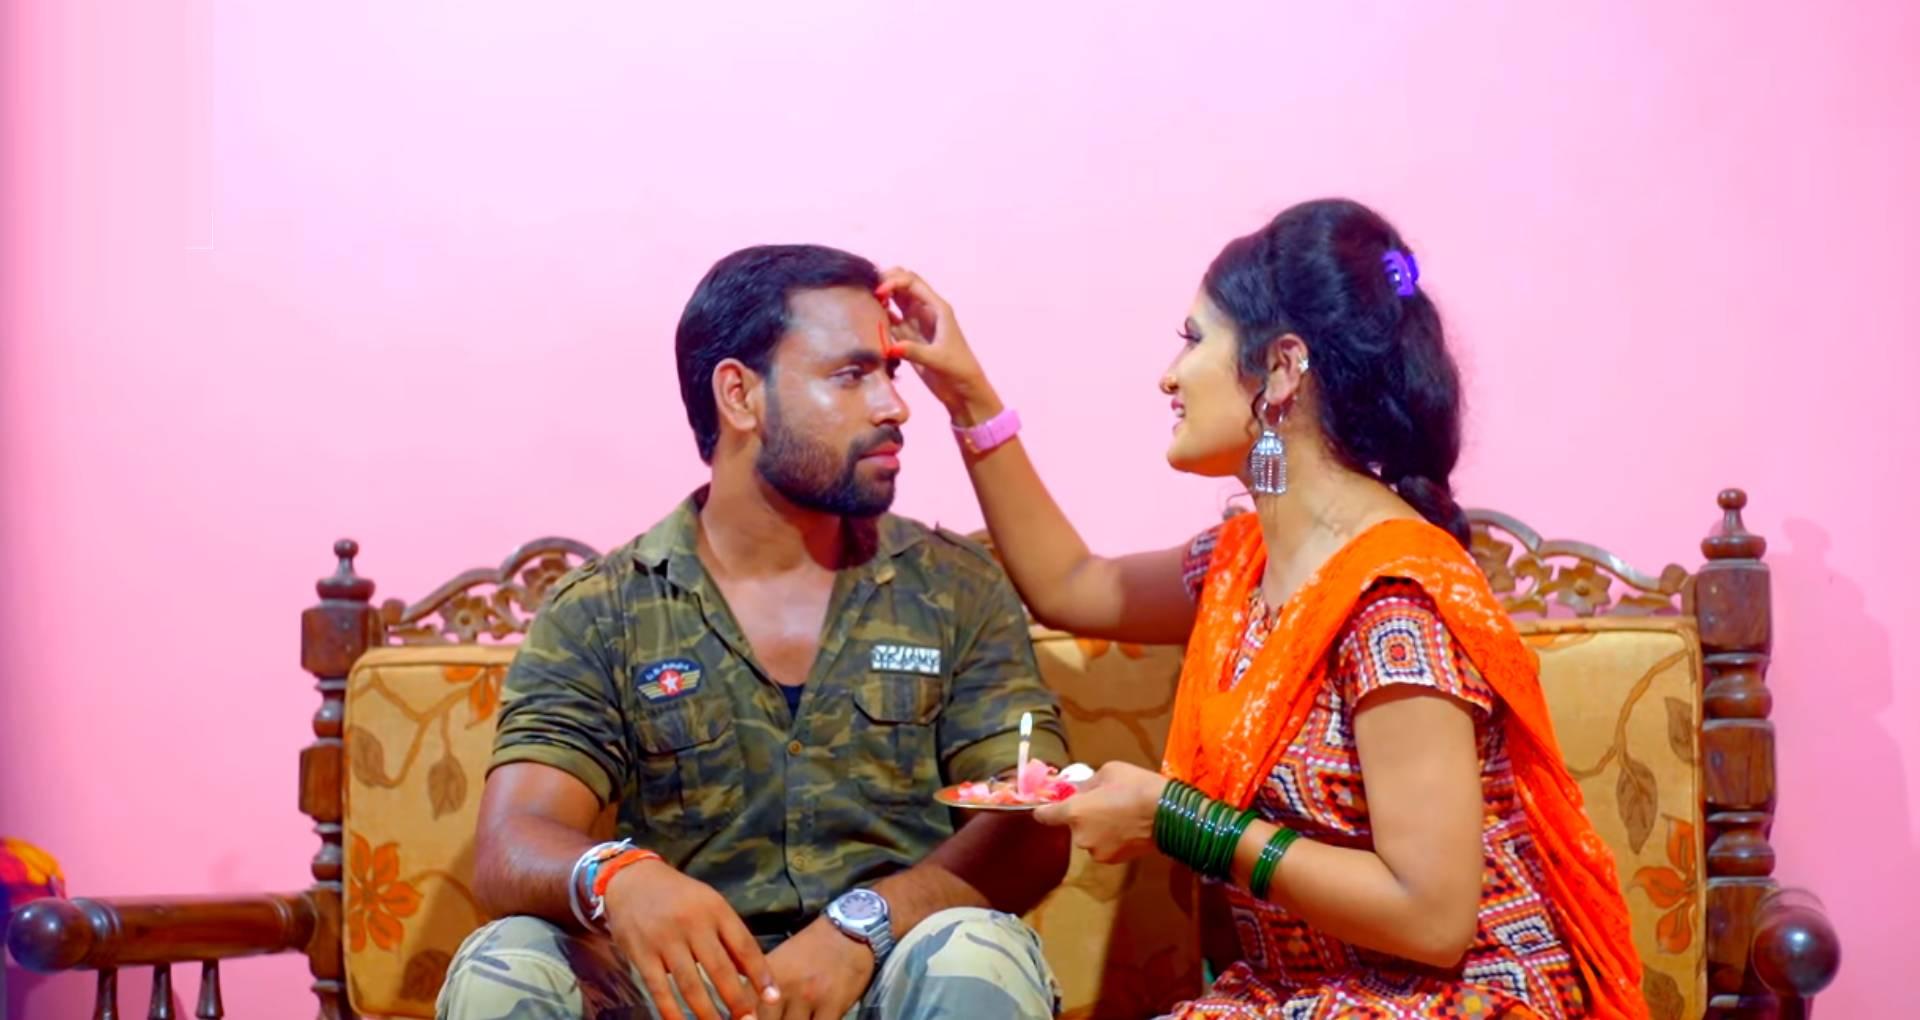 Rakshabandhan Tyohar Song: अंतरा सिंह प्रियंका के रक्षाबंधन सॉन्ग में दिखा भाई-बहन का प्यार, देखिए नया वीडियो